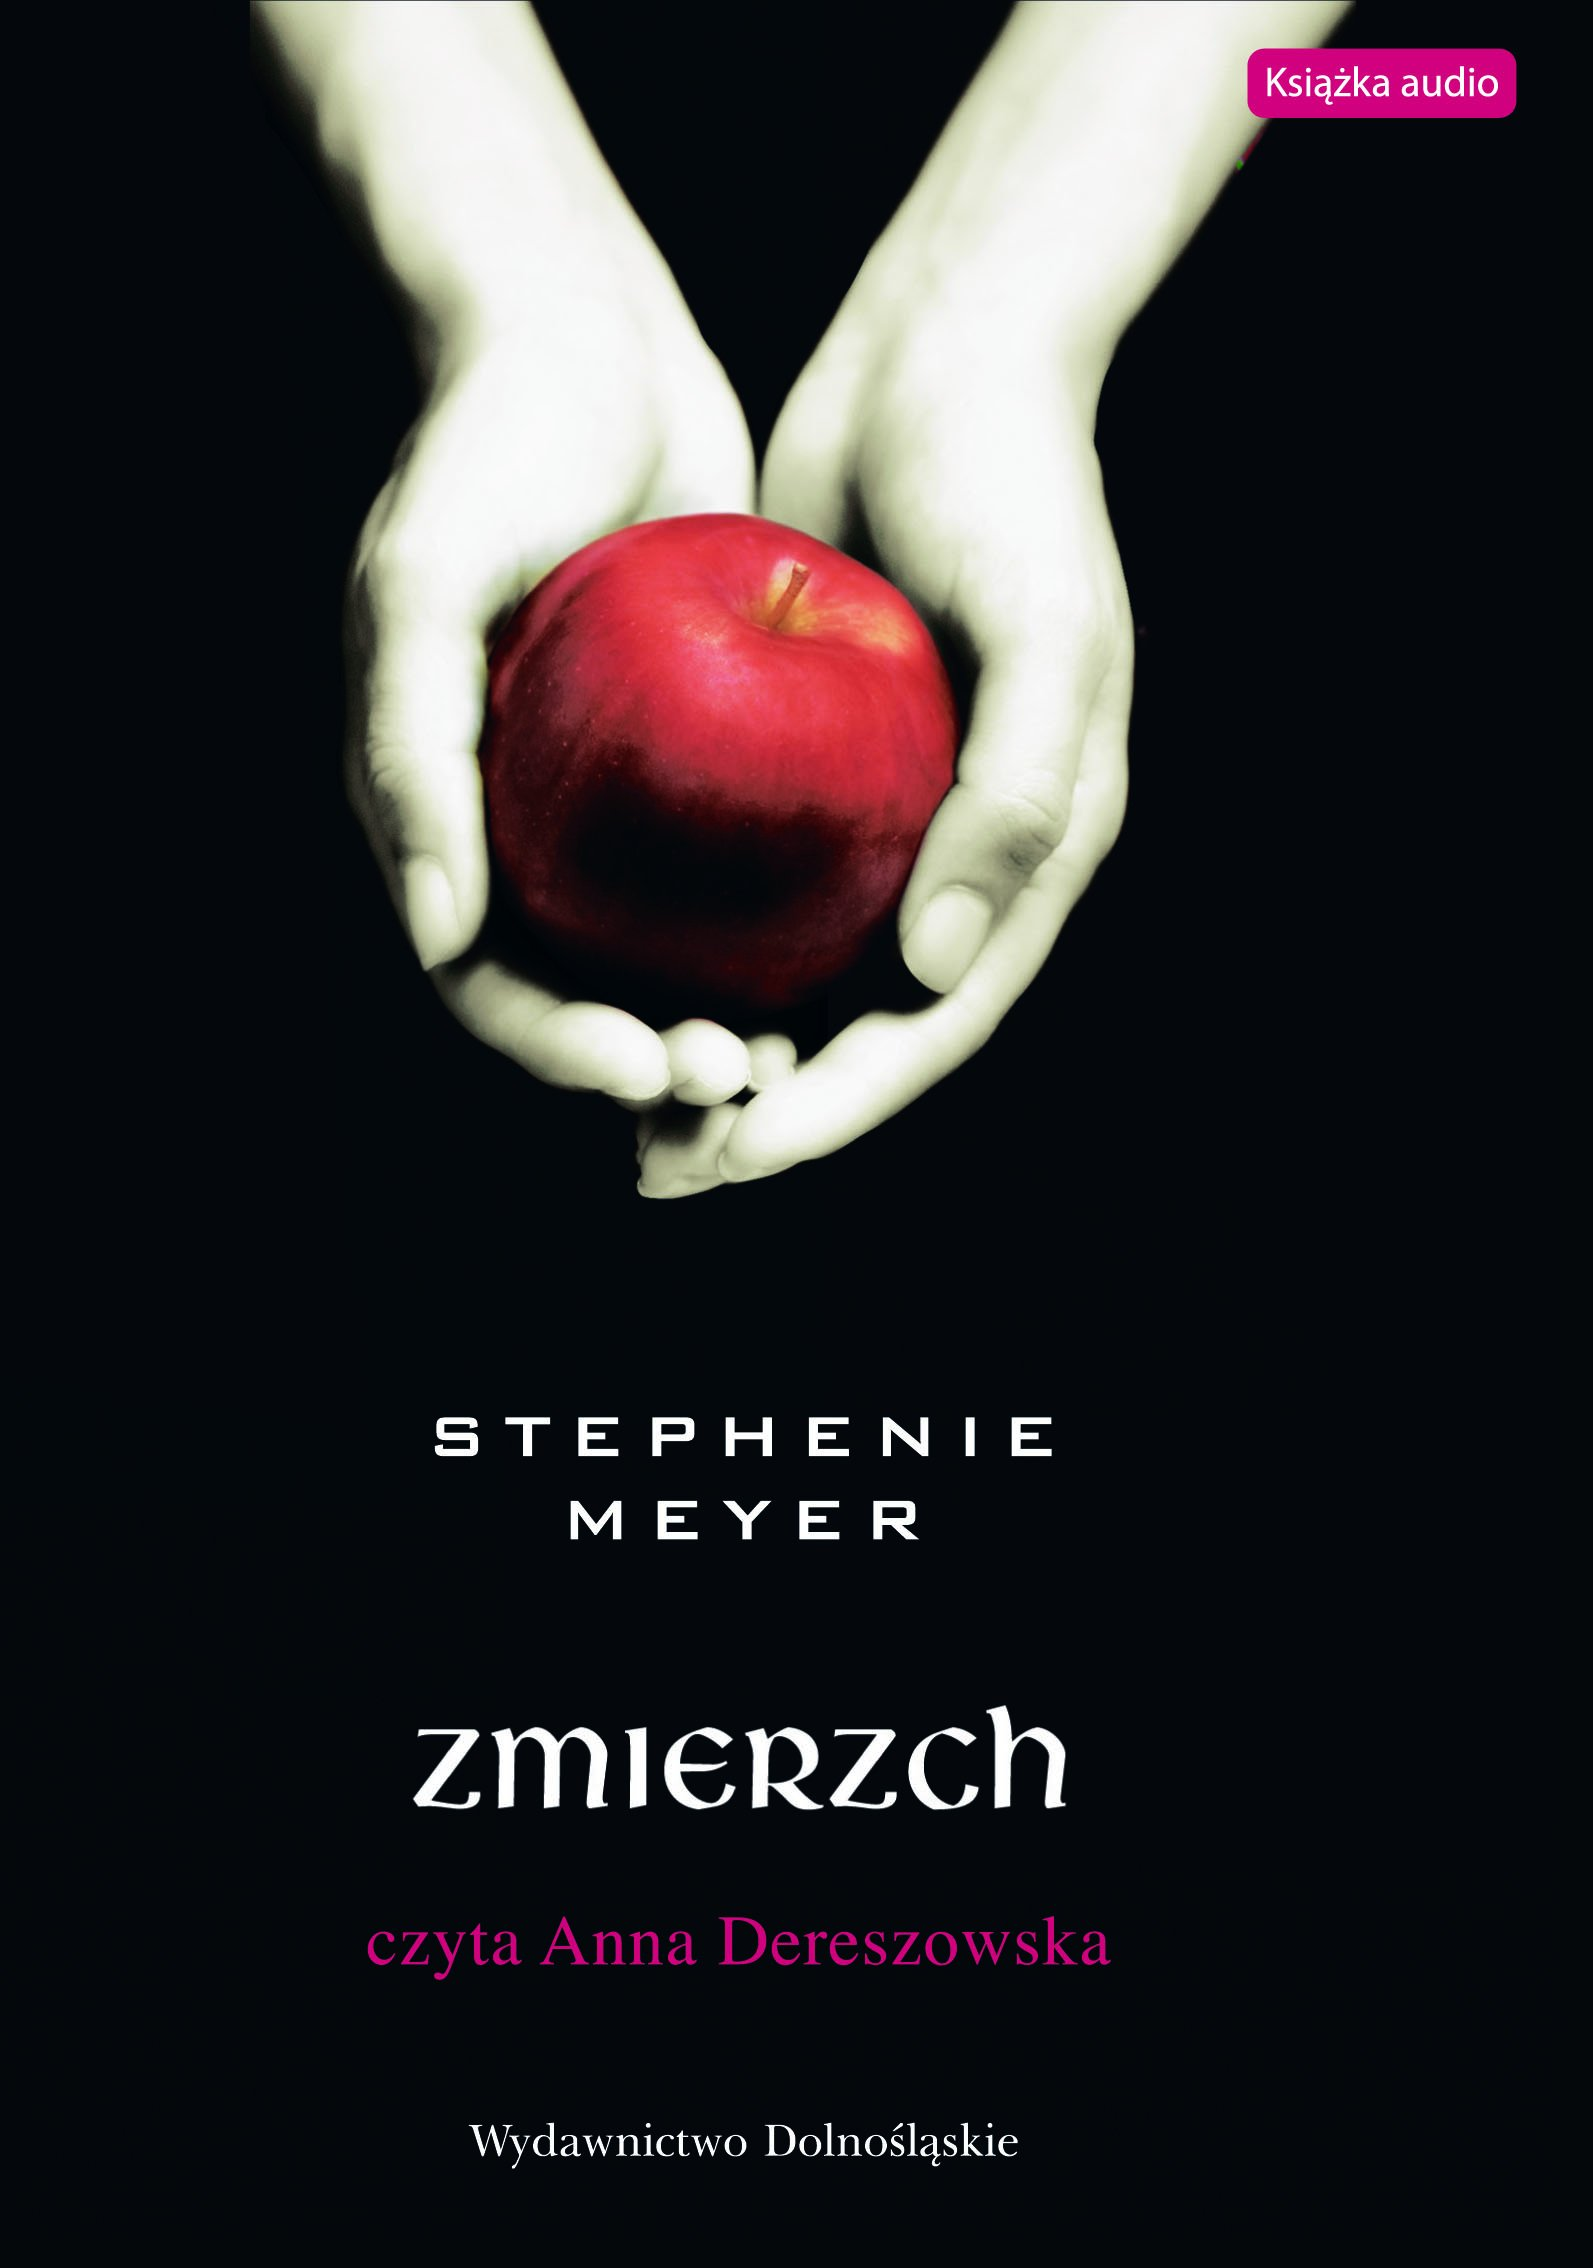 Zmierzch - Stephenie Meyer - audiobook